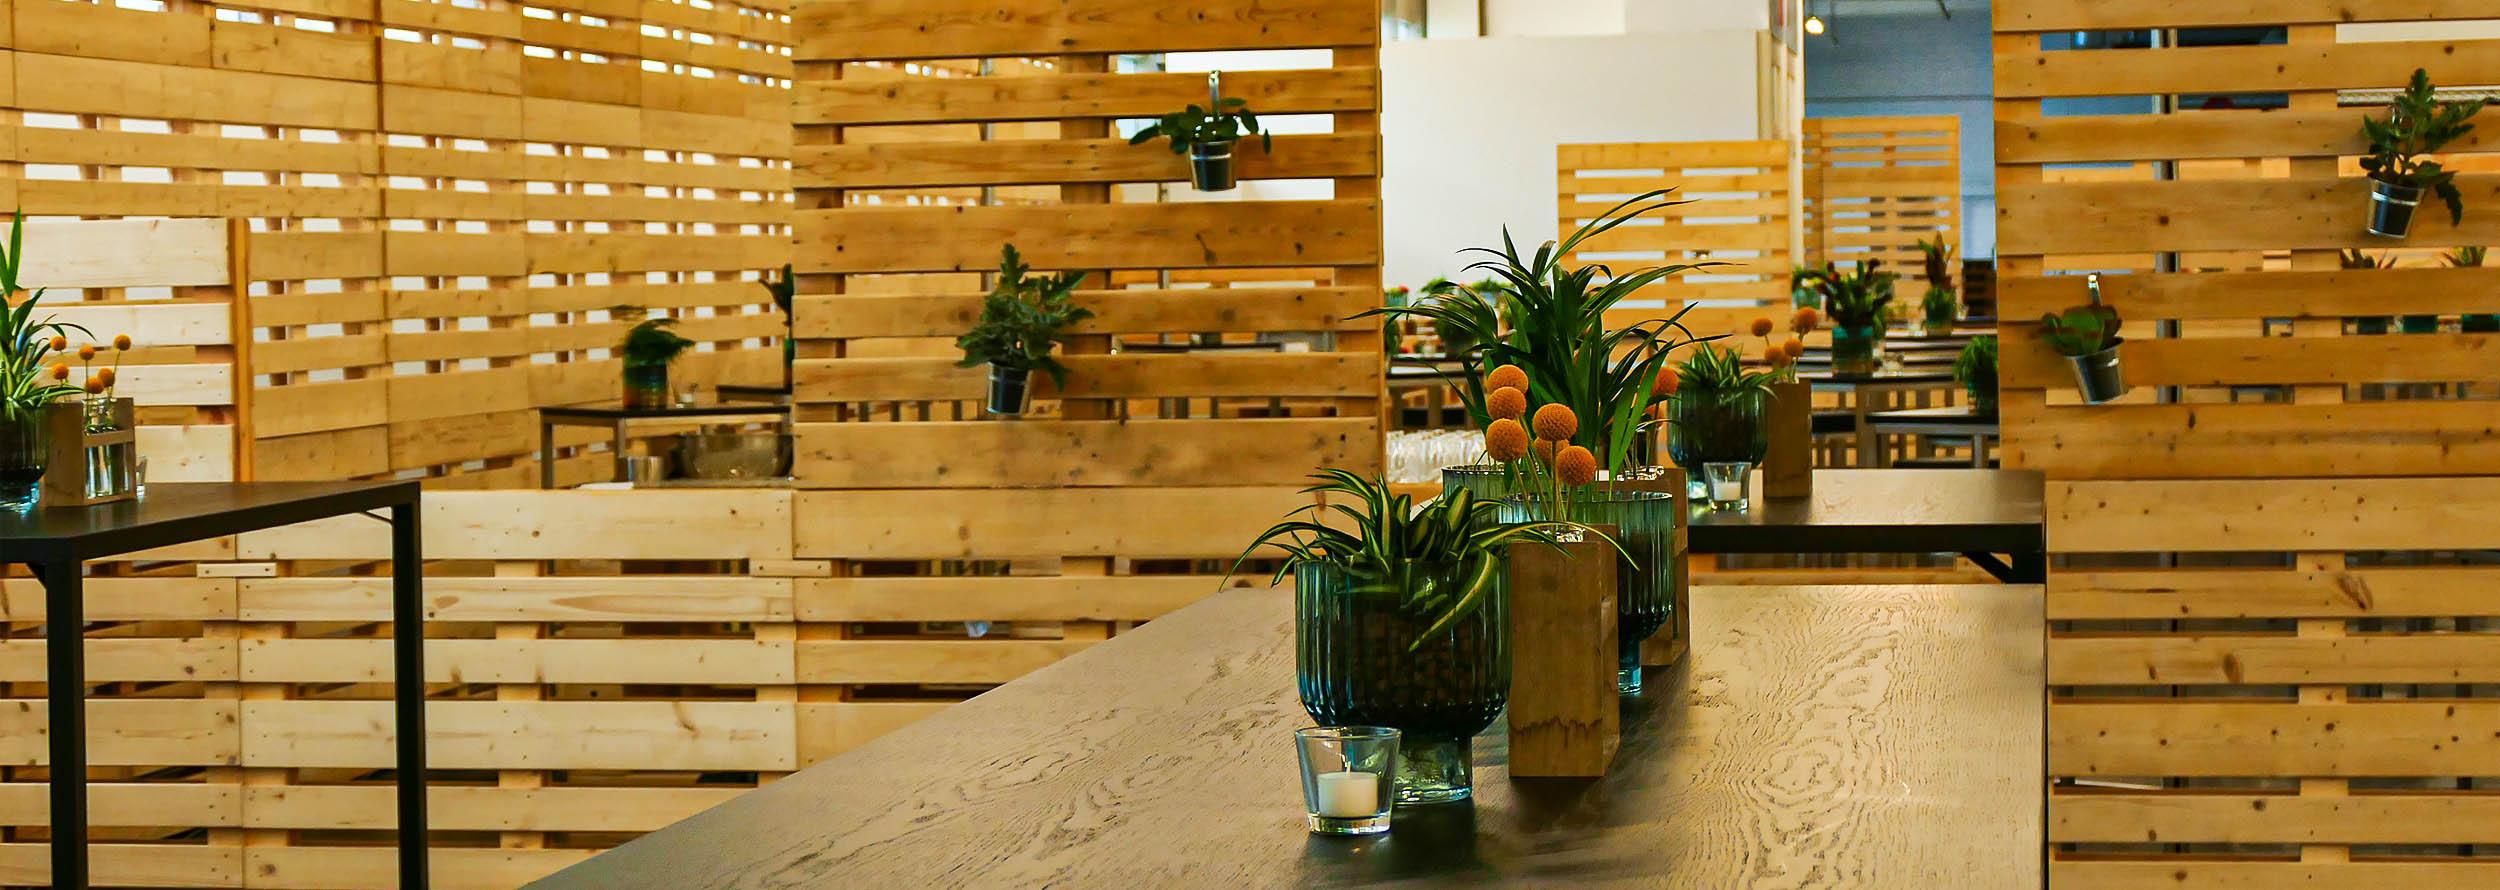 Palettenmöbel für Gastrobereiche für VIP-Bereiche